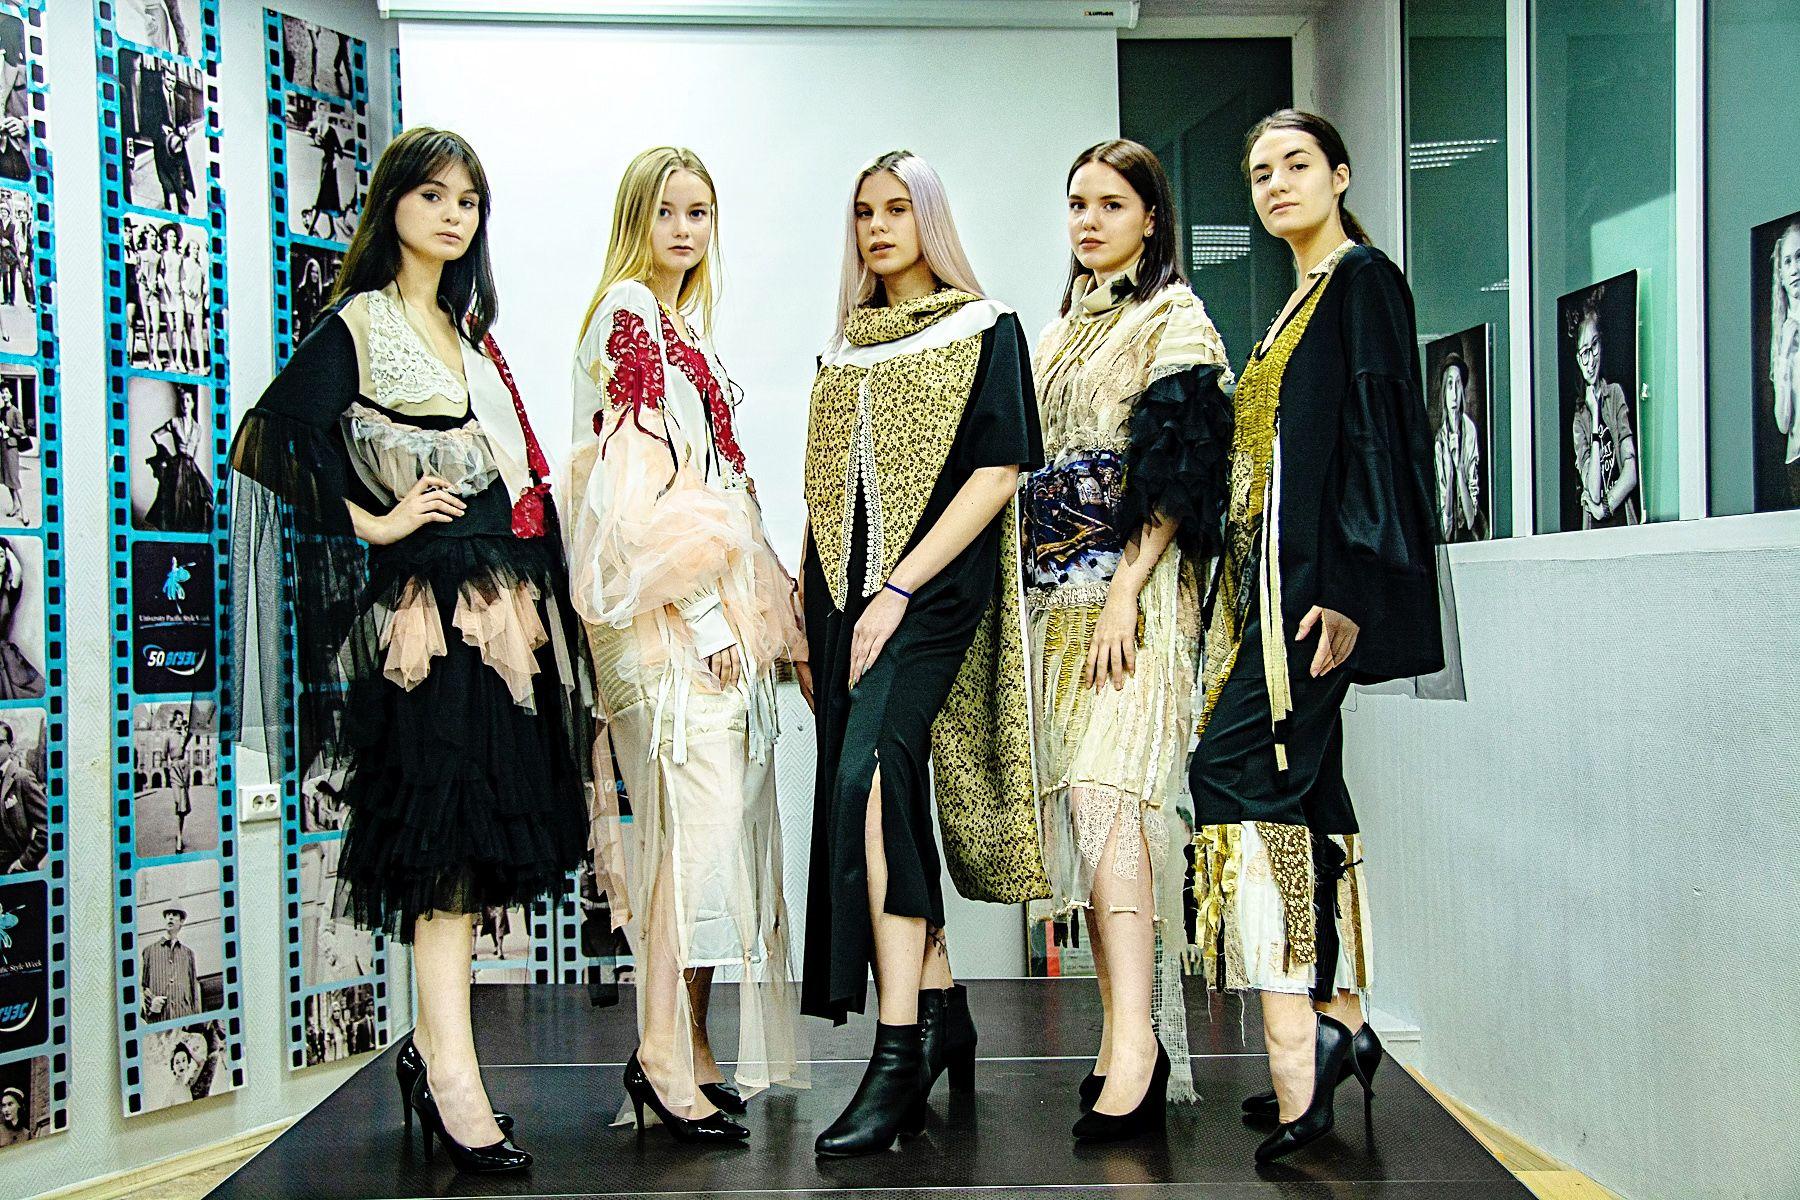 ВГУЭС организует модный премиум-показ на площадке единственного в мире Музея трепанга